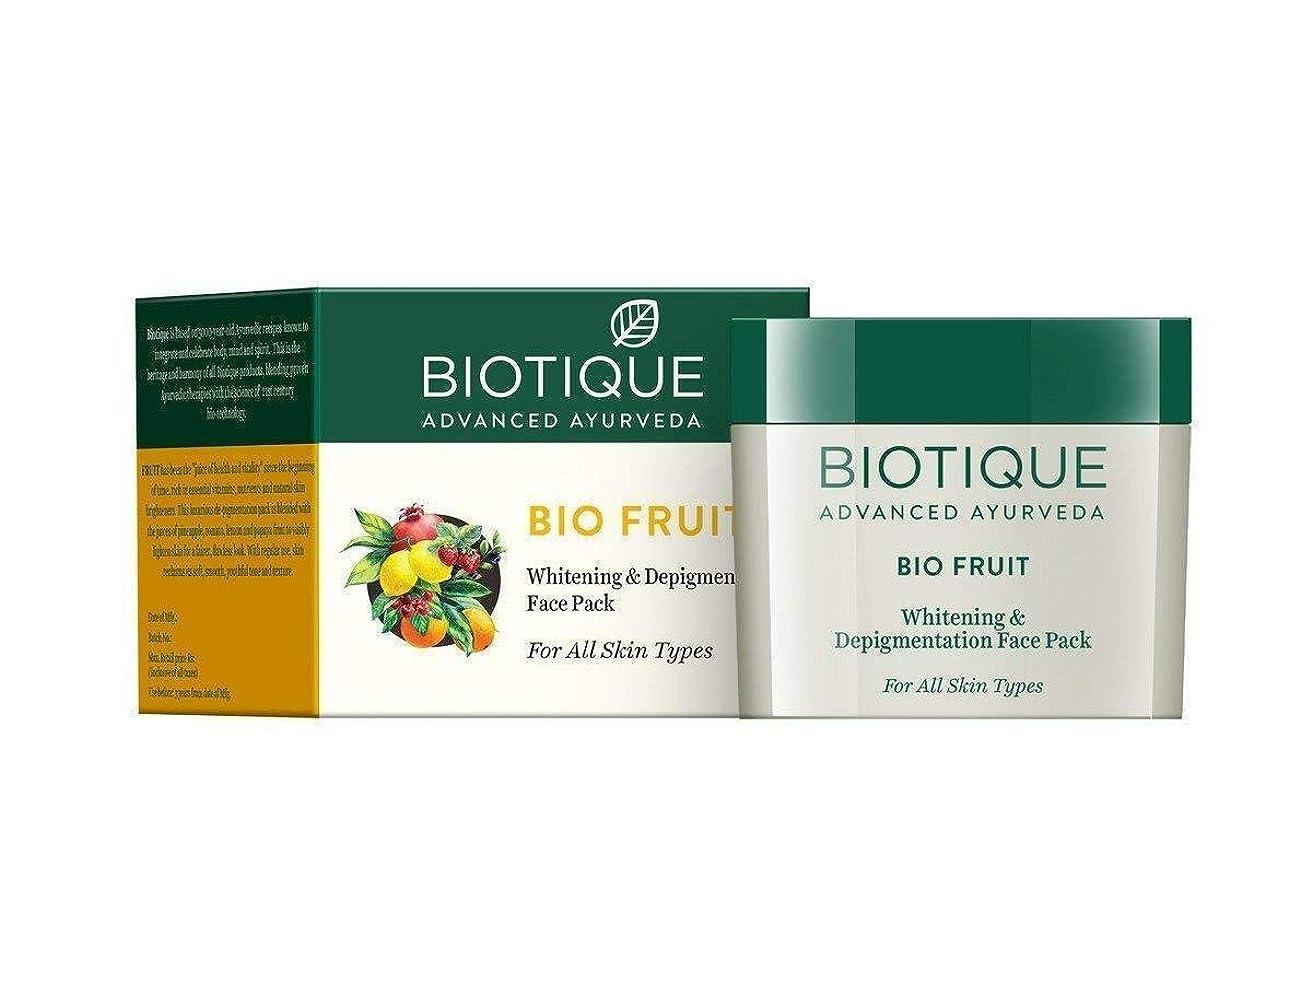 報復きれいに迅速Biotique Fruit Whitening & Depigmentation Face Pack 75g soft smooth Skin tone ビオティックフルーツホワイトニング&デピグメントフェイスパックソフトスムーススキントーン